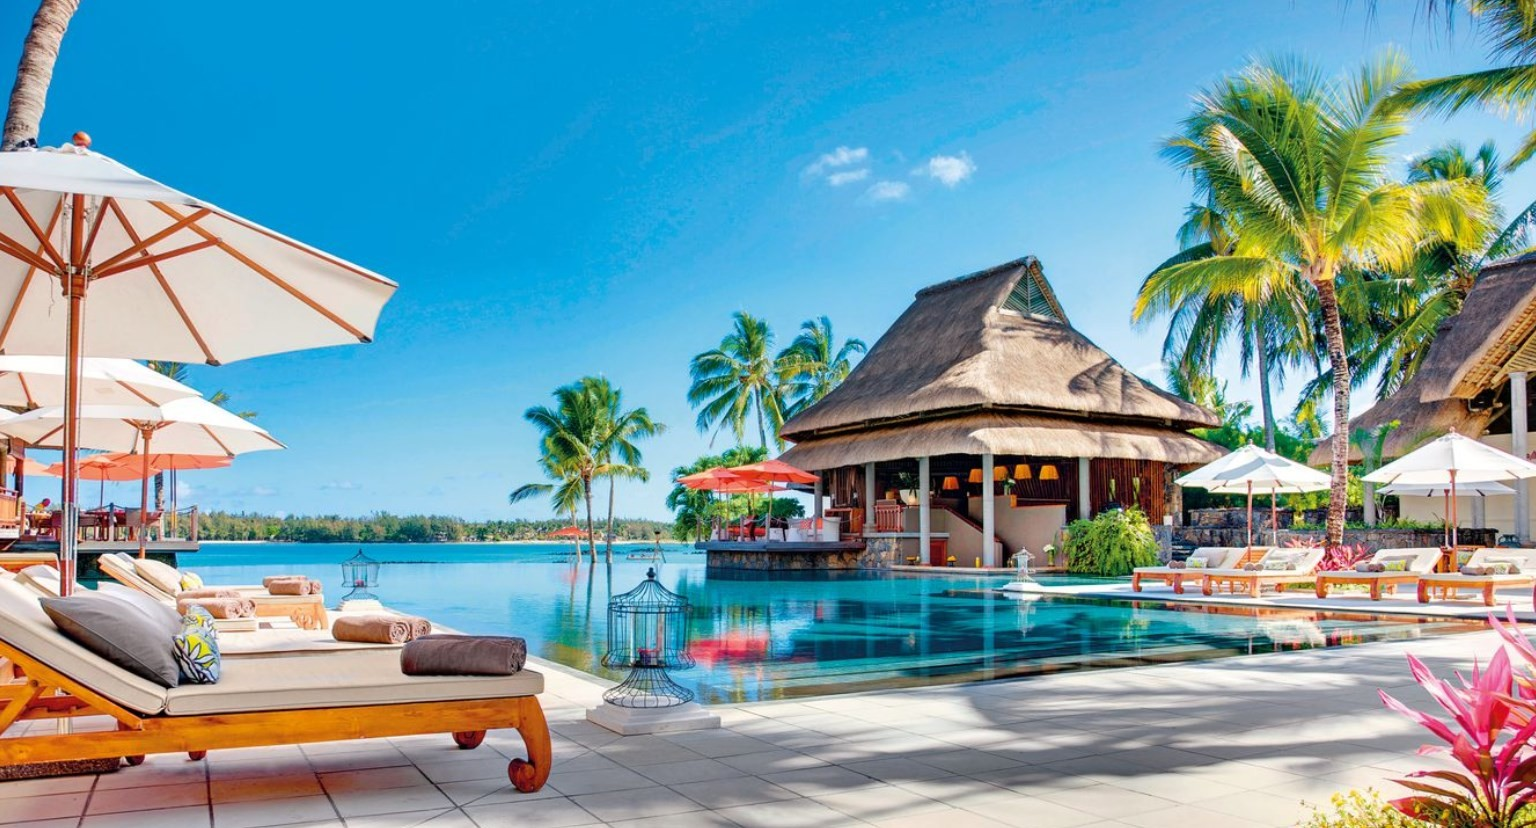 news-main-constance-hotels-resorts-propose-une-nouvelle-offre-bien-etre.1586438011.jpg